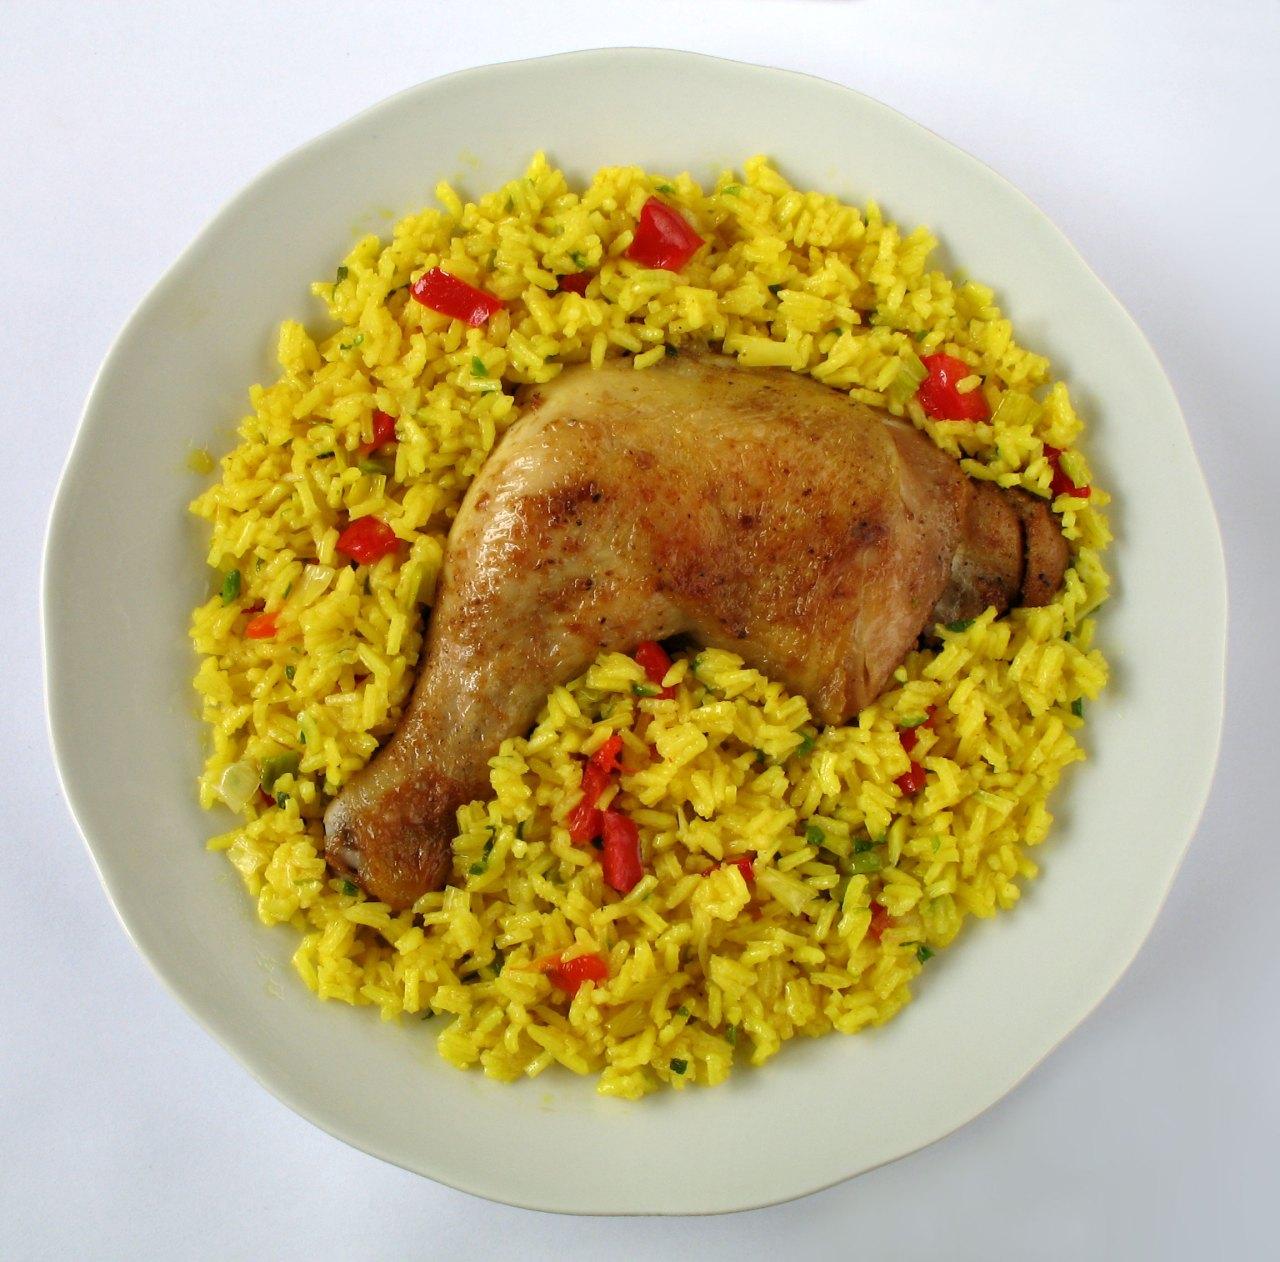 Arroz con pollo. (Photo by Kobako)